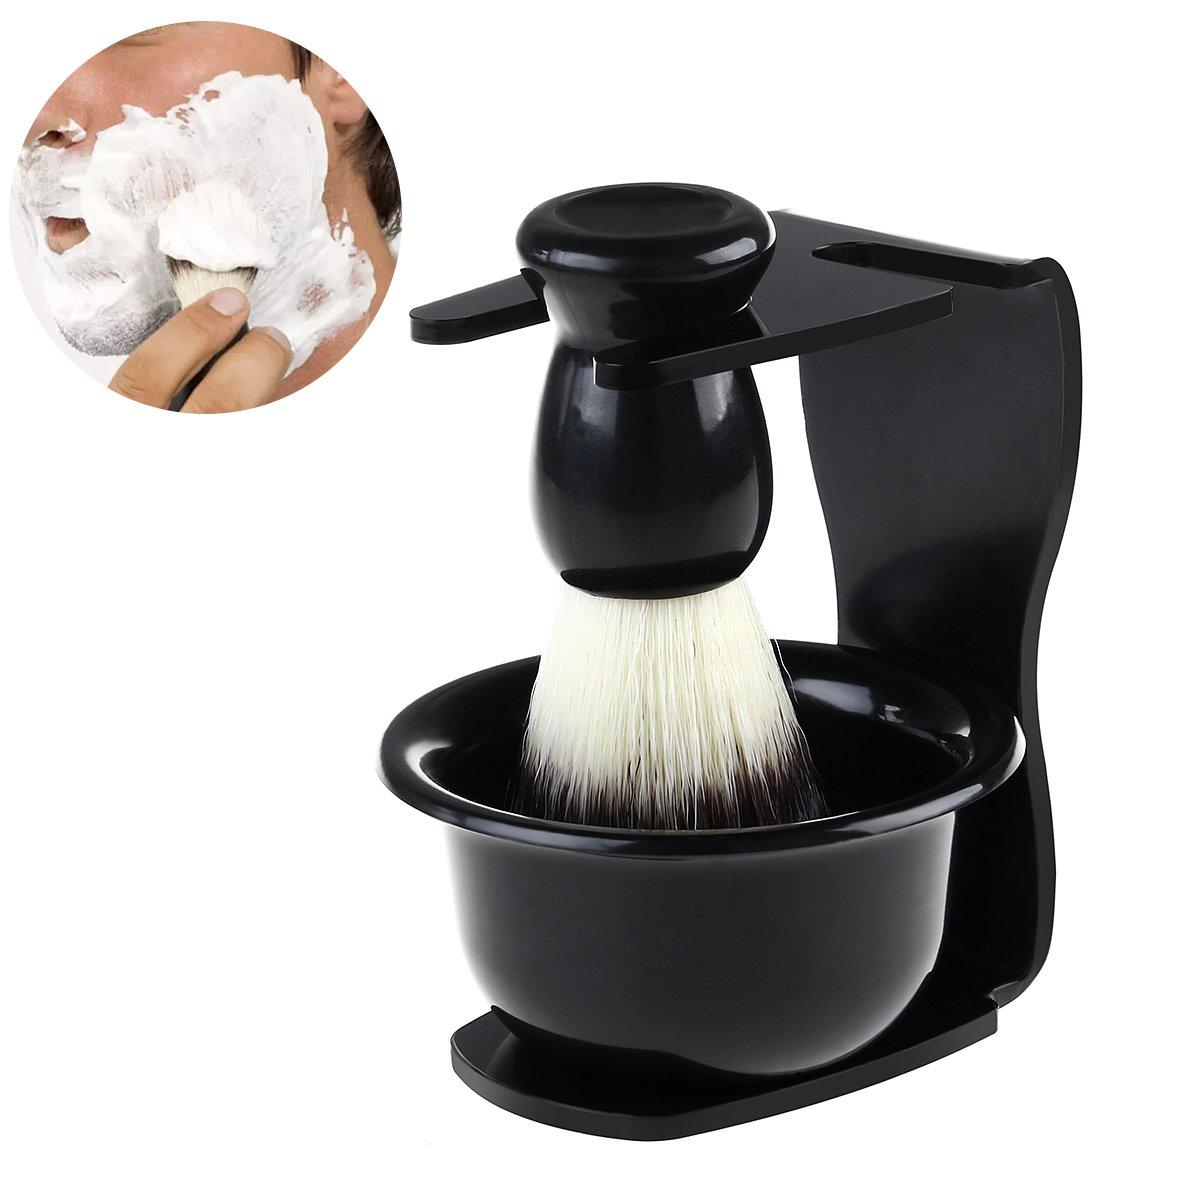 Rosenice Mens Shaving Kit Shave Brush Stand and Shaving Mug Set for Father's Day Gift